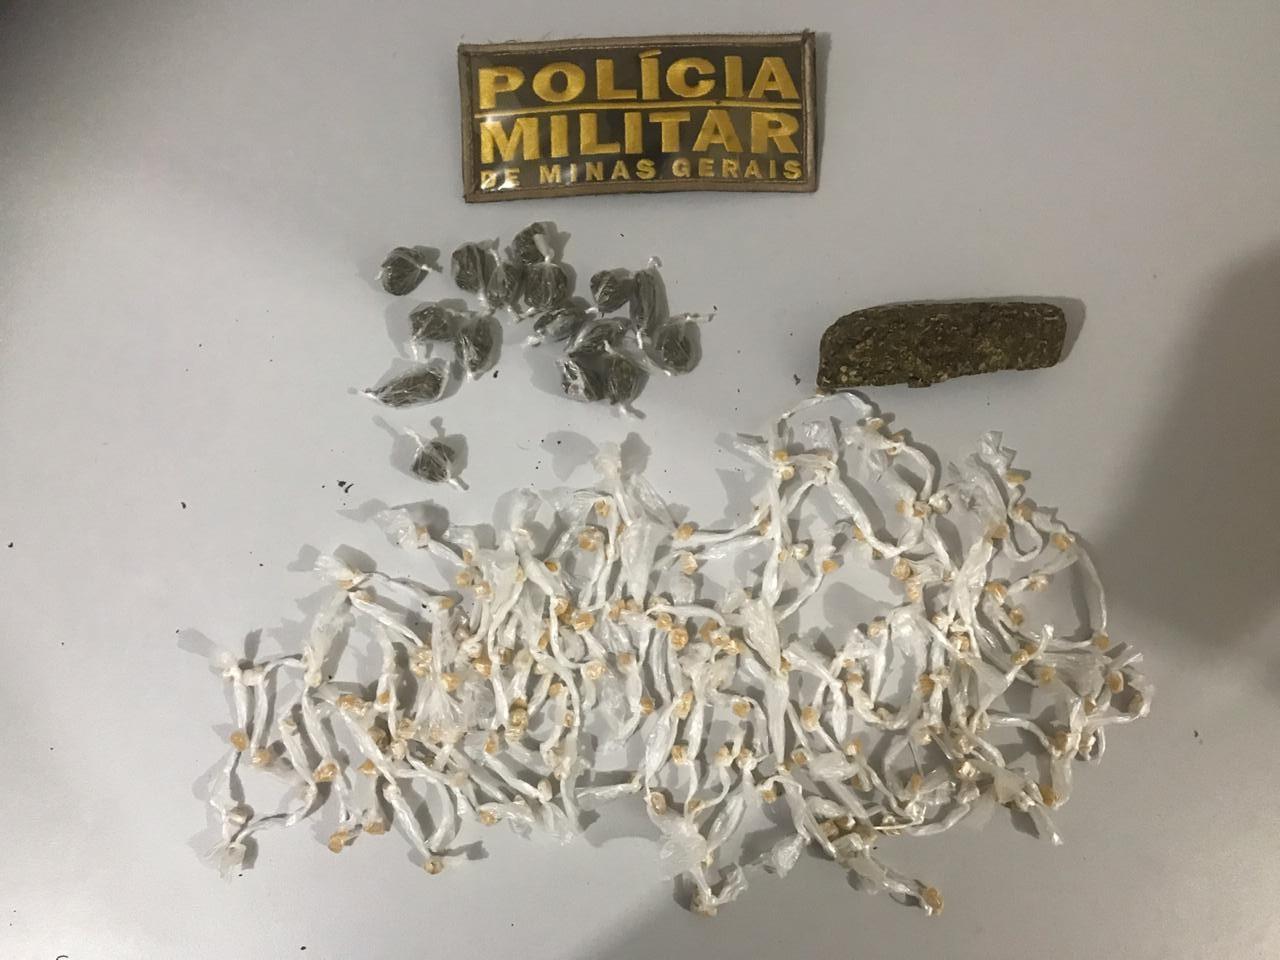 PM apreende drogas escondidas em túmulo de cemitério em Montes Claros - Notícias - Plantão Diário